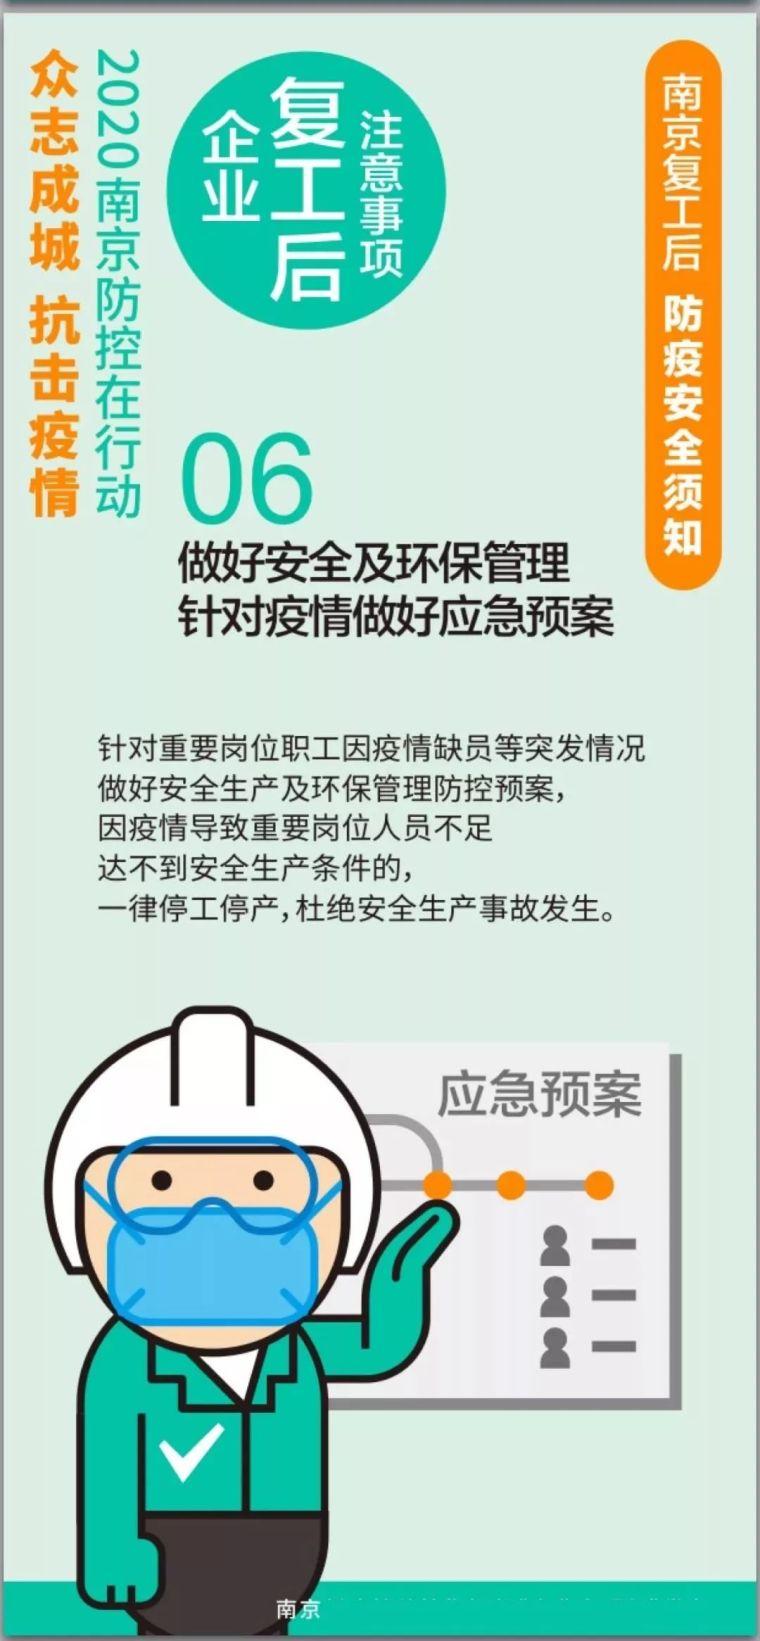 企业复工,防疫安全须知(图解)_12